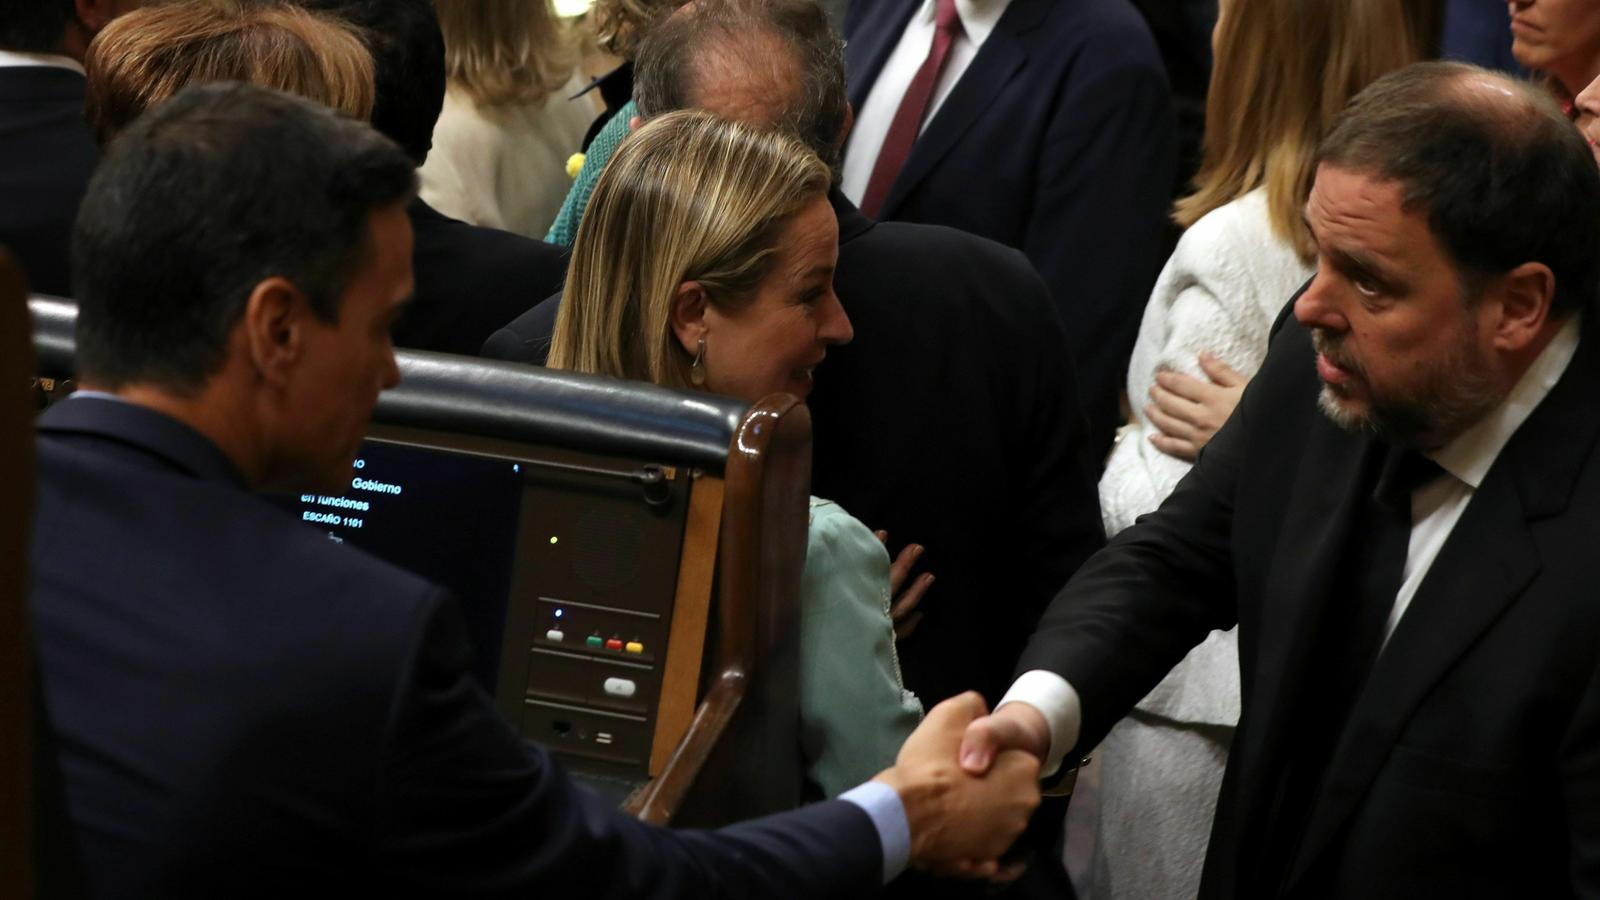 Encaixada de mans i breu salutació entre Oriol Junqueras i Pedro Sánchez a l'hemicicle